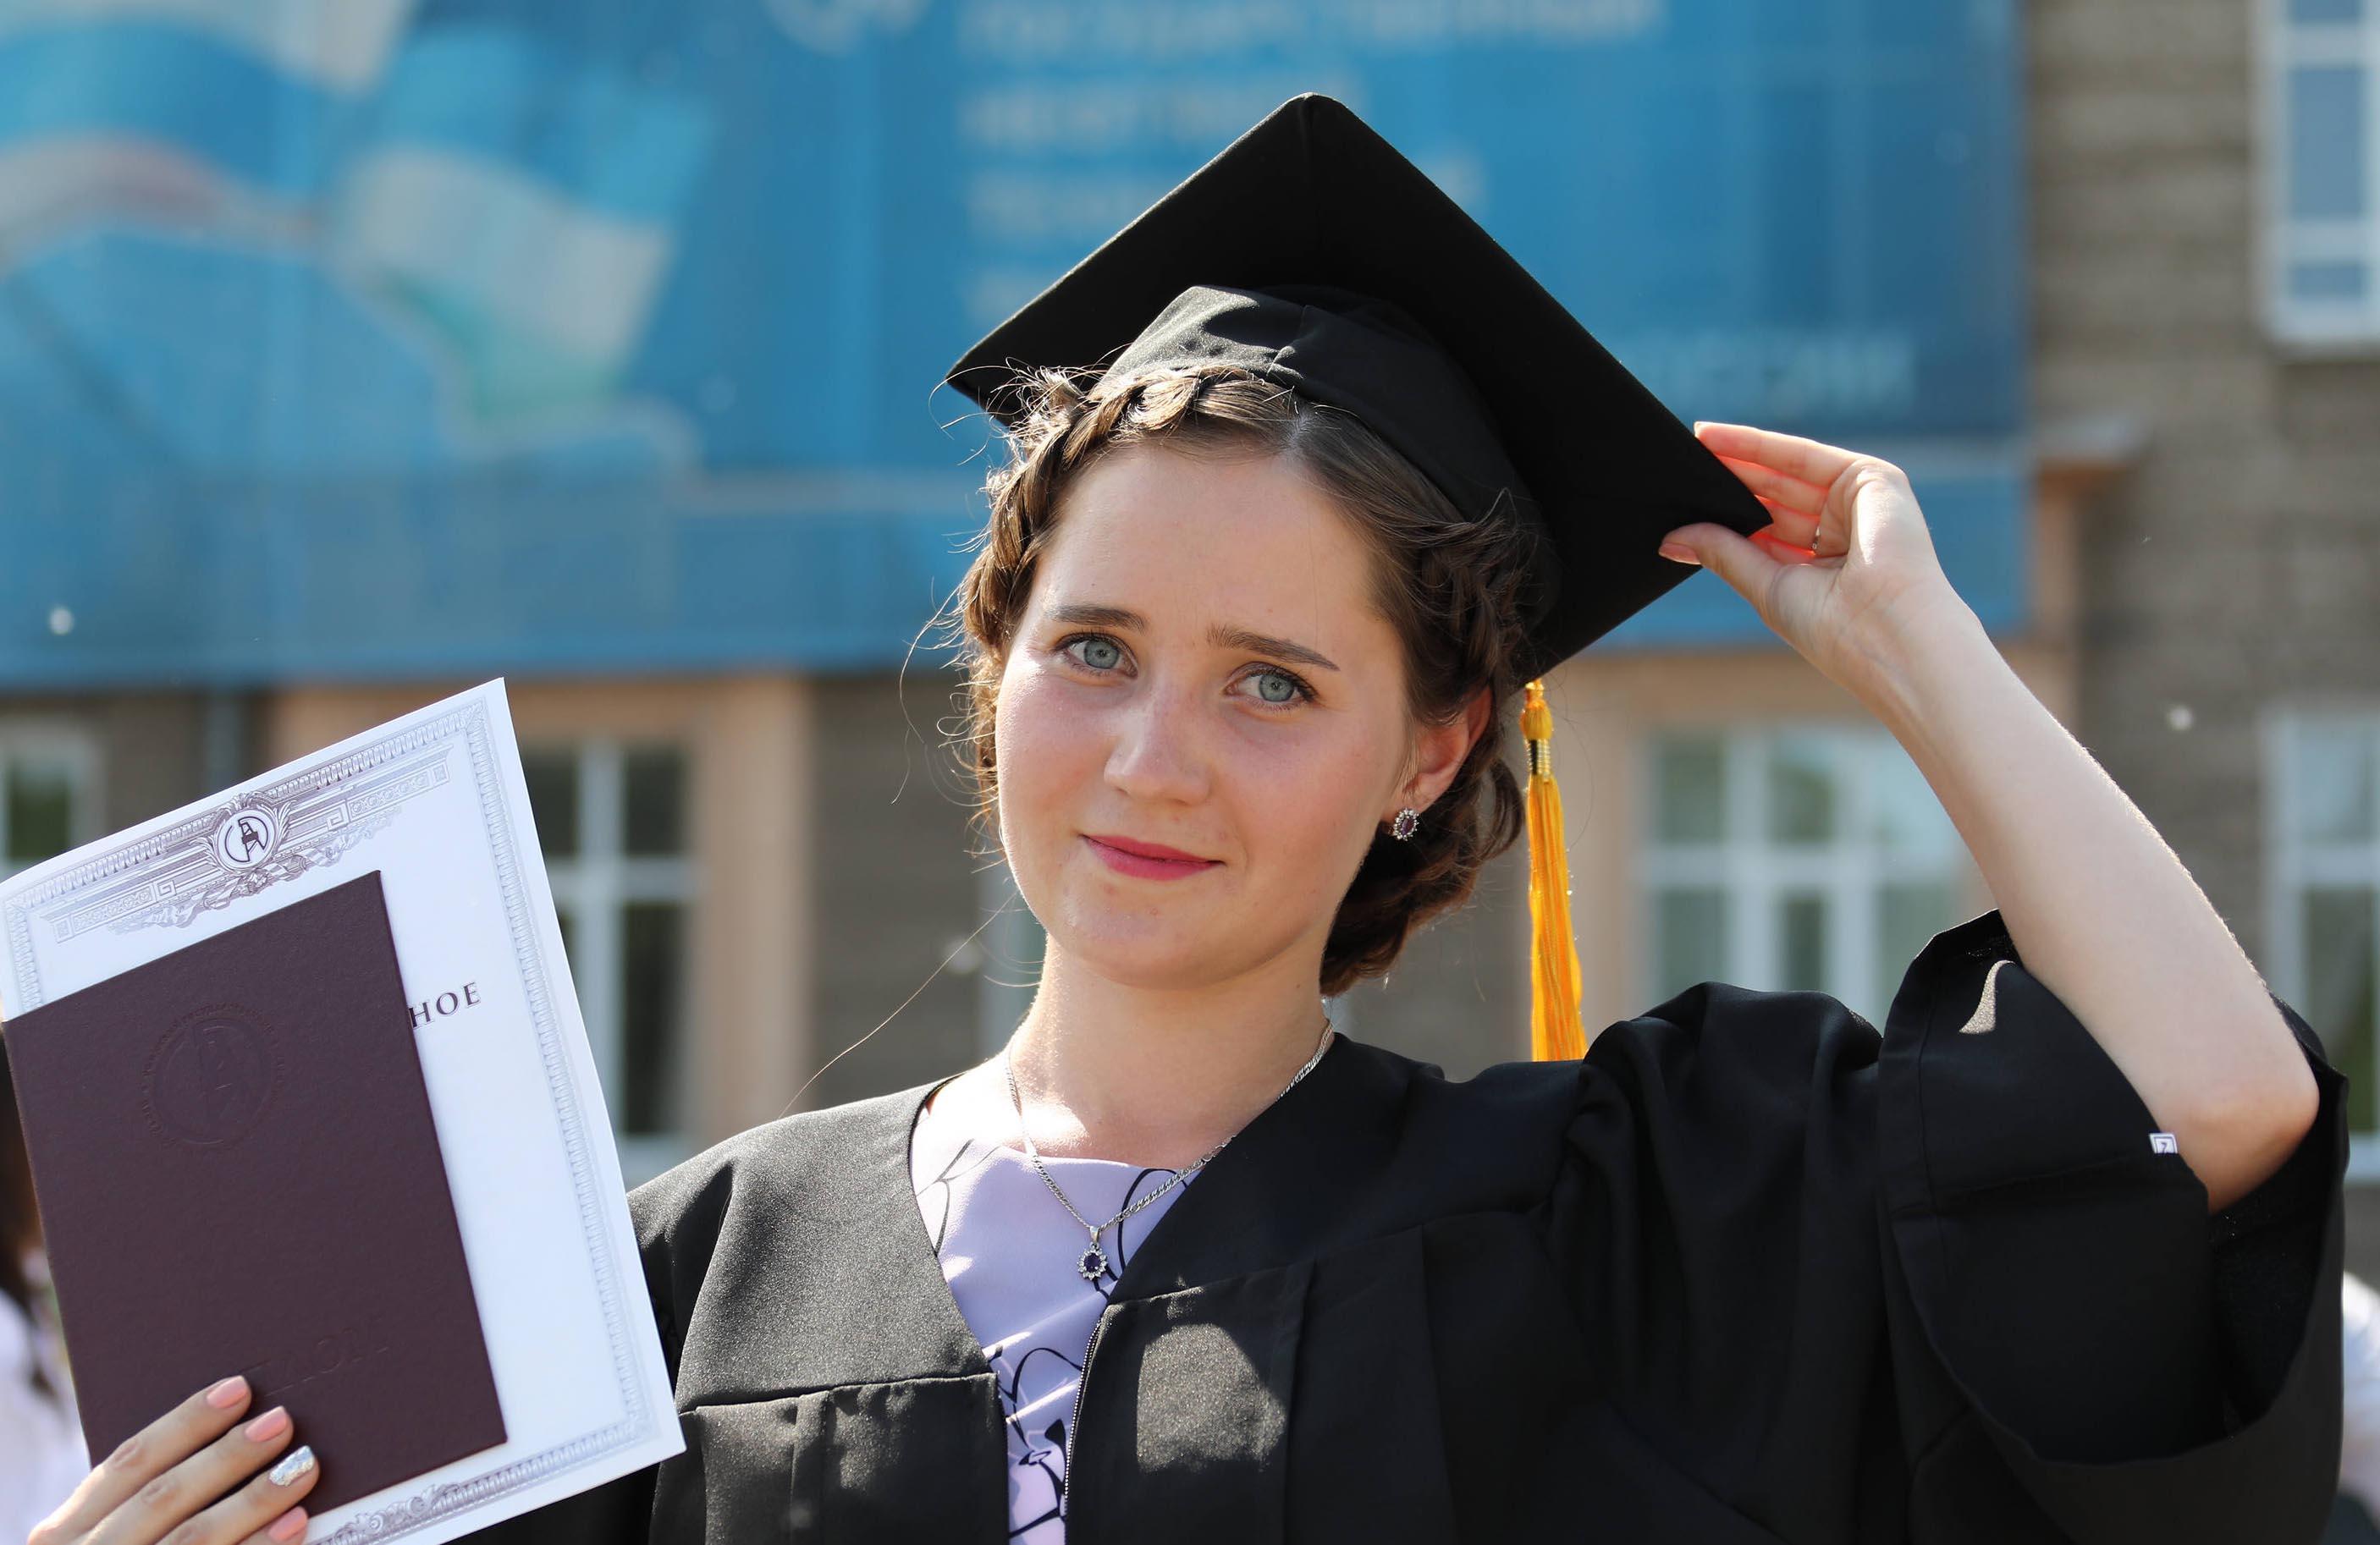 Что такое магистратура? магистратура: поступление, экзамены и обучение :: syl.ru